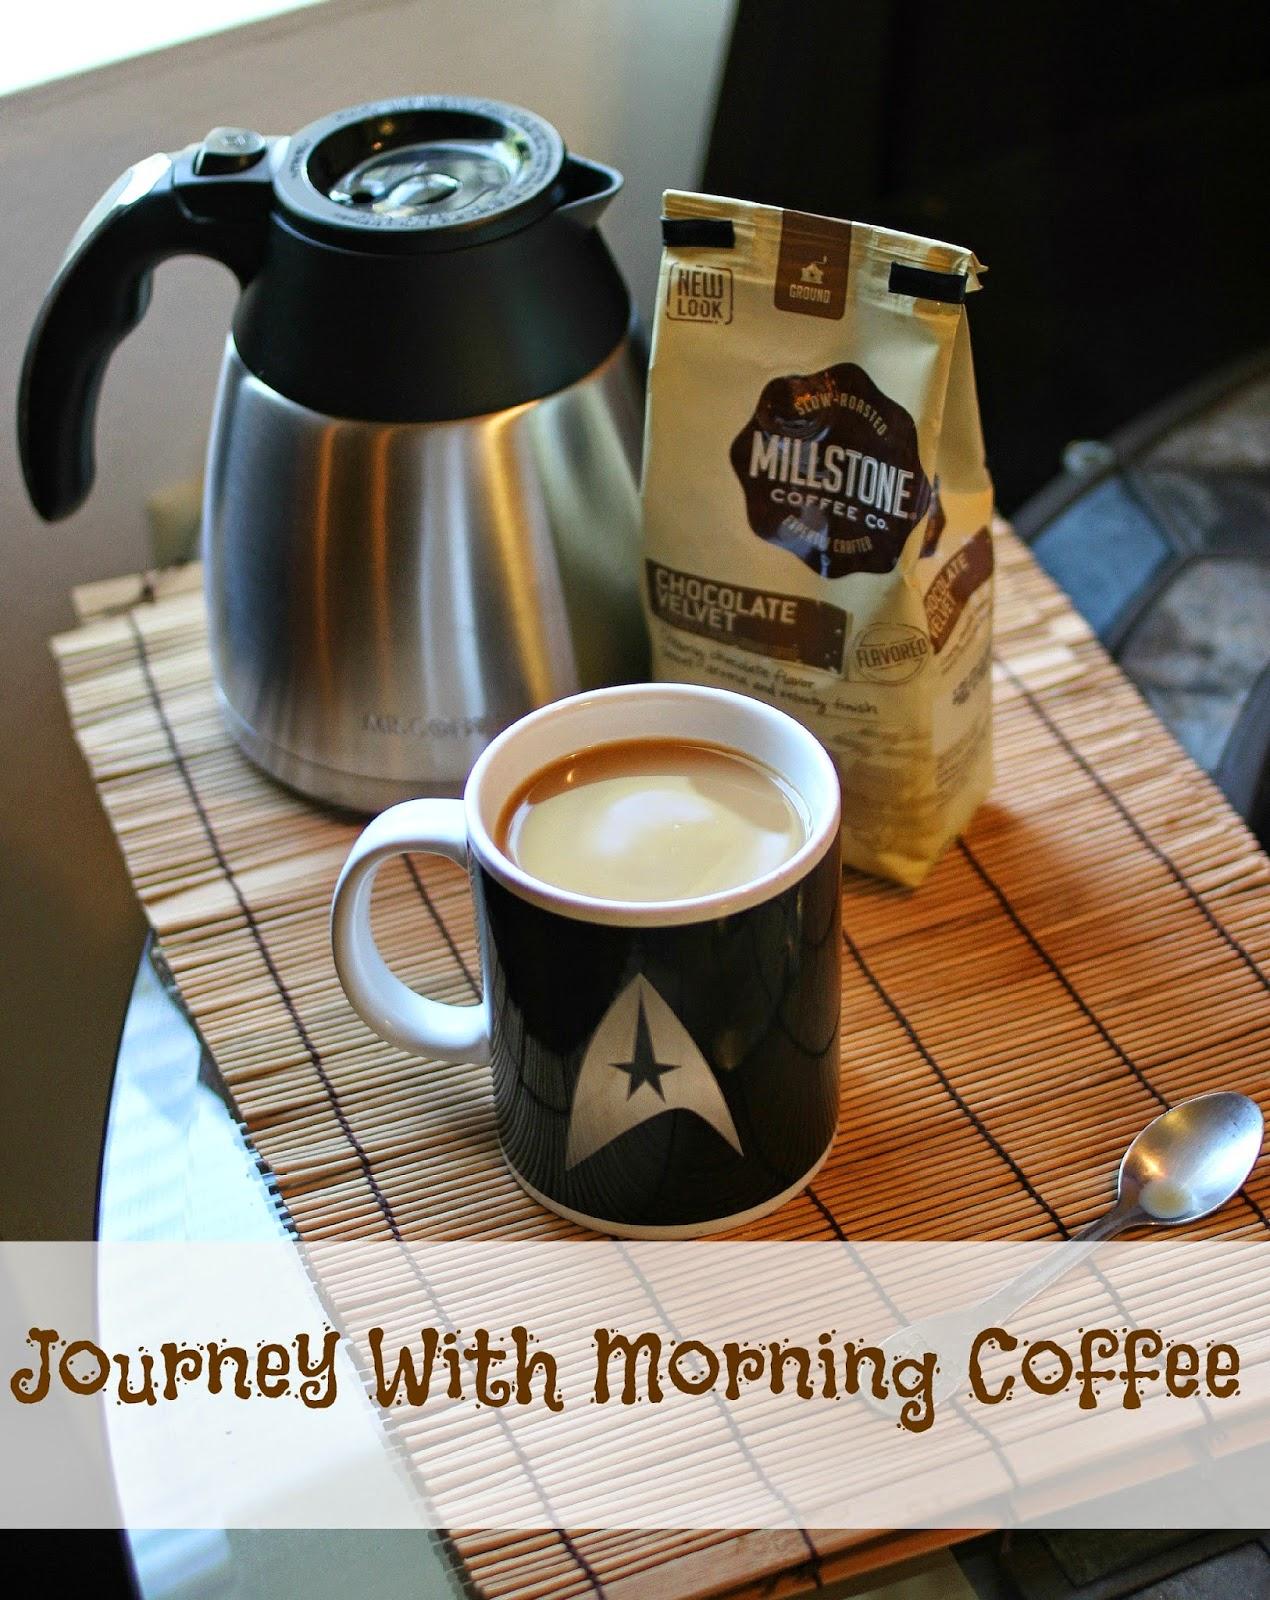 #CoffeeJourneys #Shop #Cbias #CollectiveBias